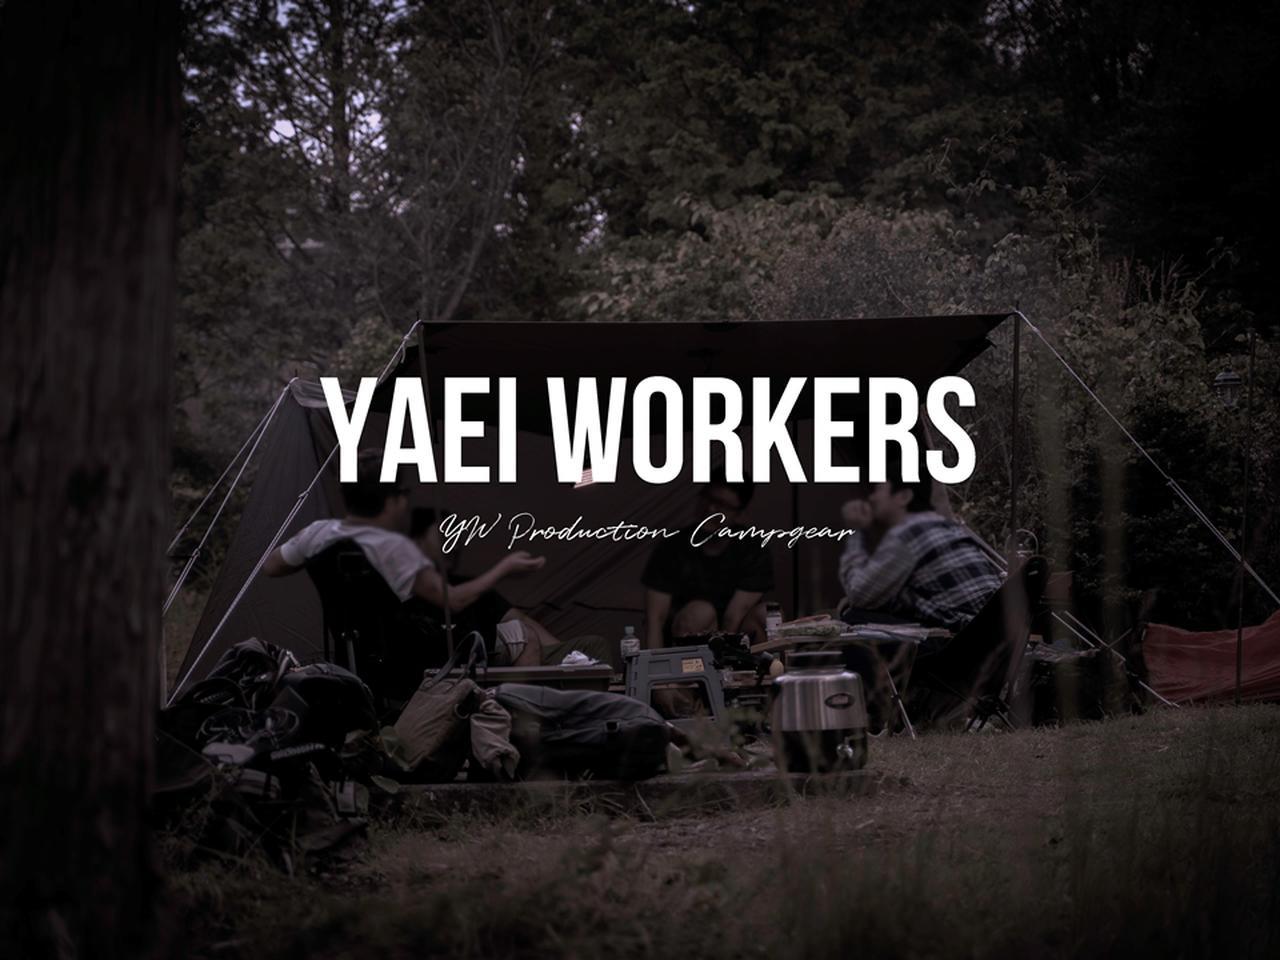 画像1: (YaeiWorkers撮影)